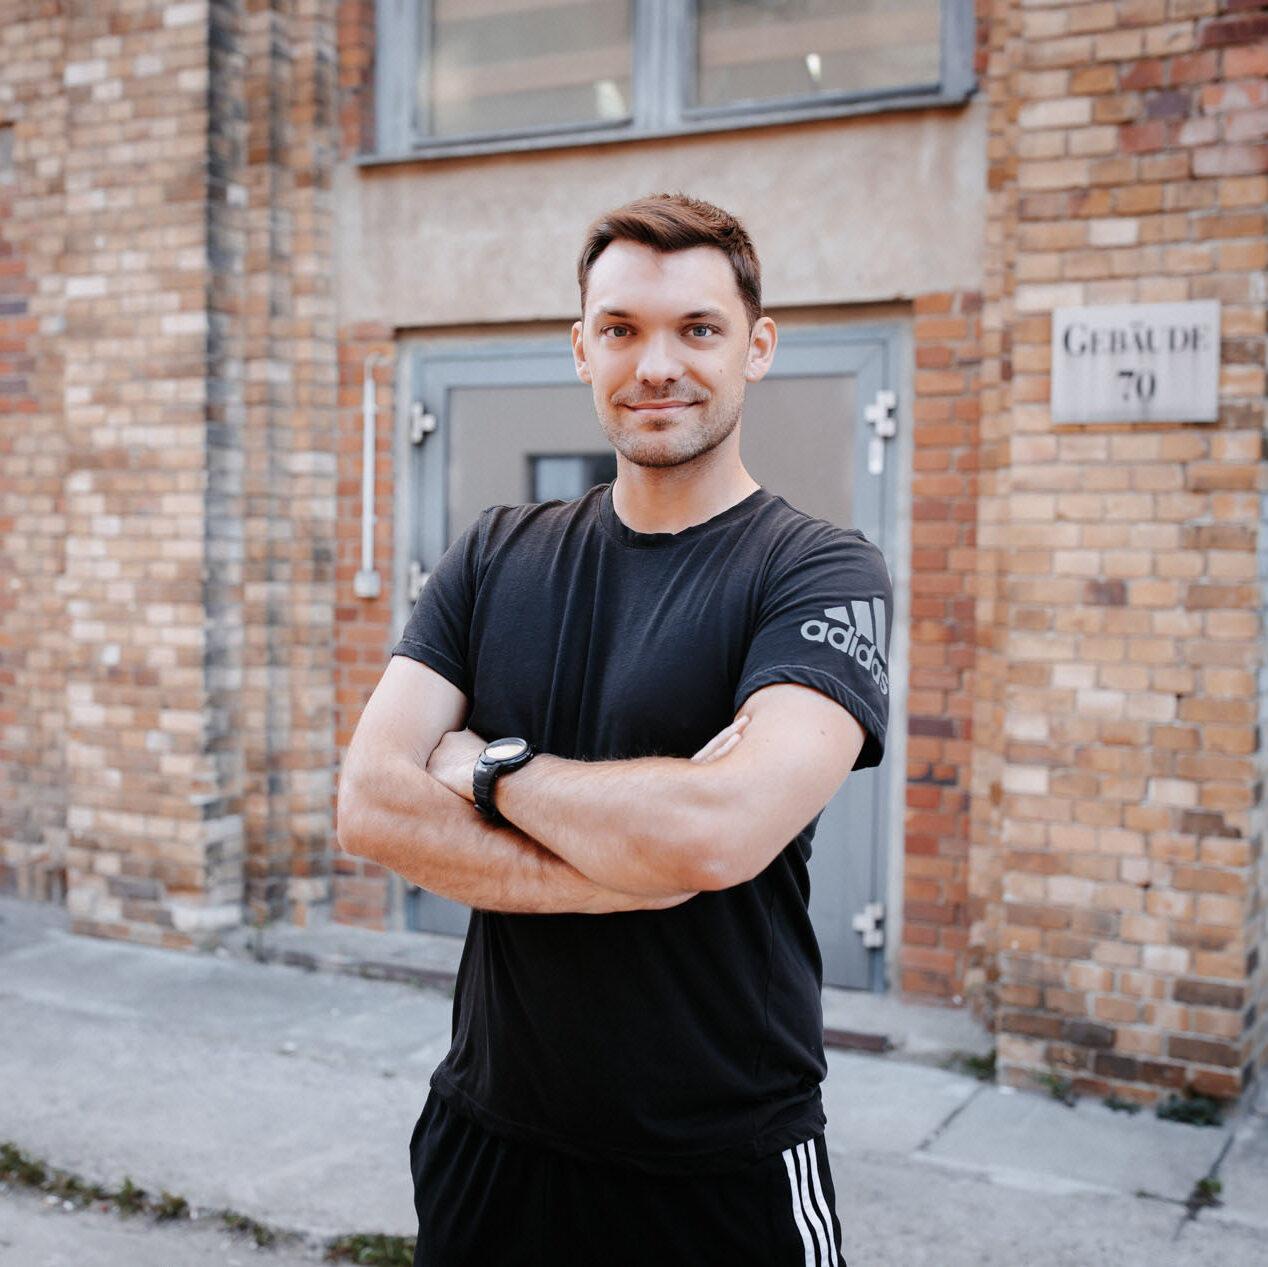 Outdoortrainer und Personaltrainer in Berlin Köpenick - Wuhlheide | Simon Wagner